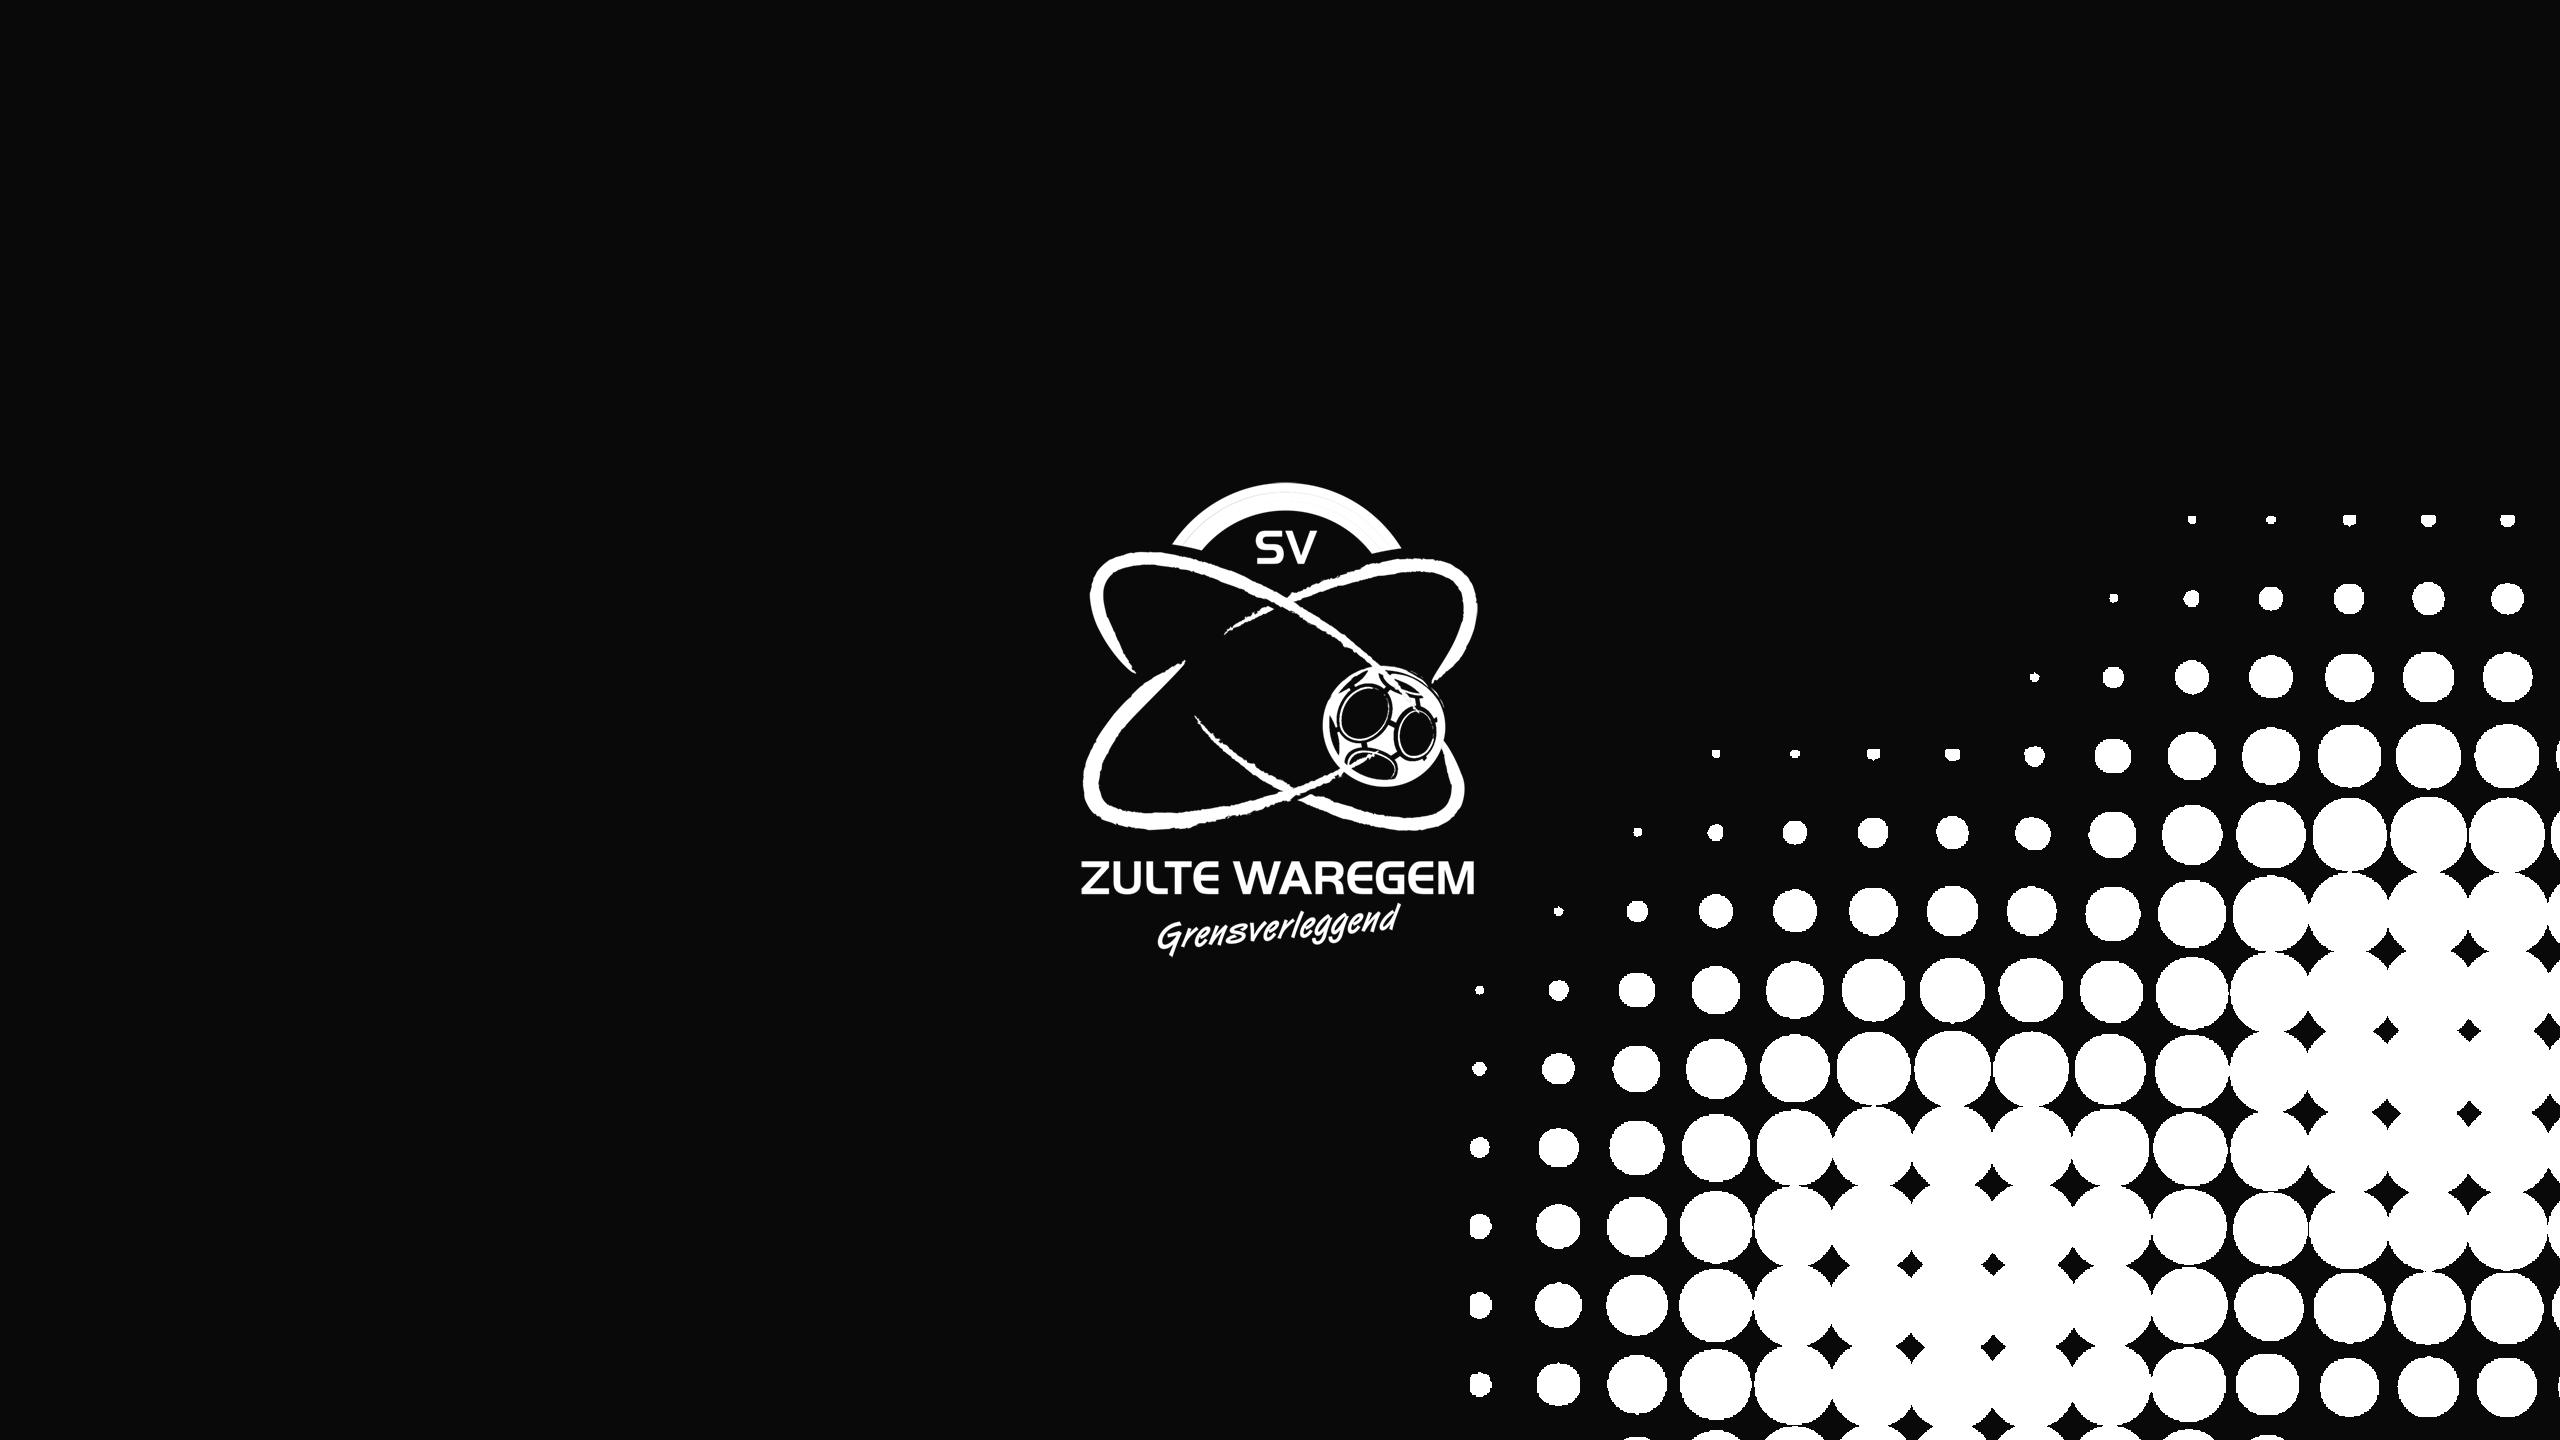 Zulte Waregem FC (Alt)